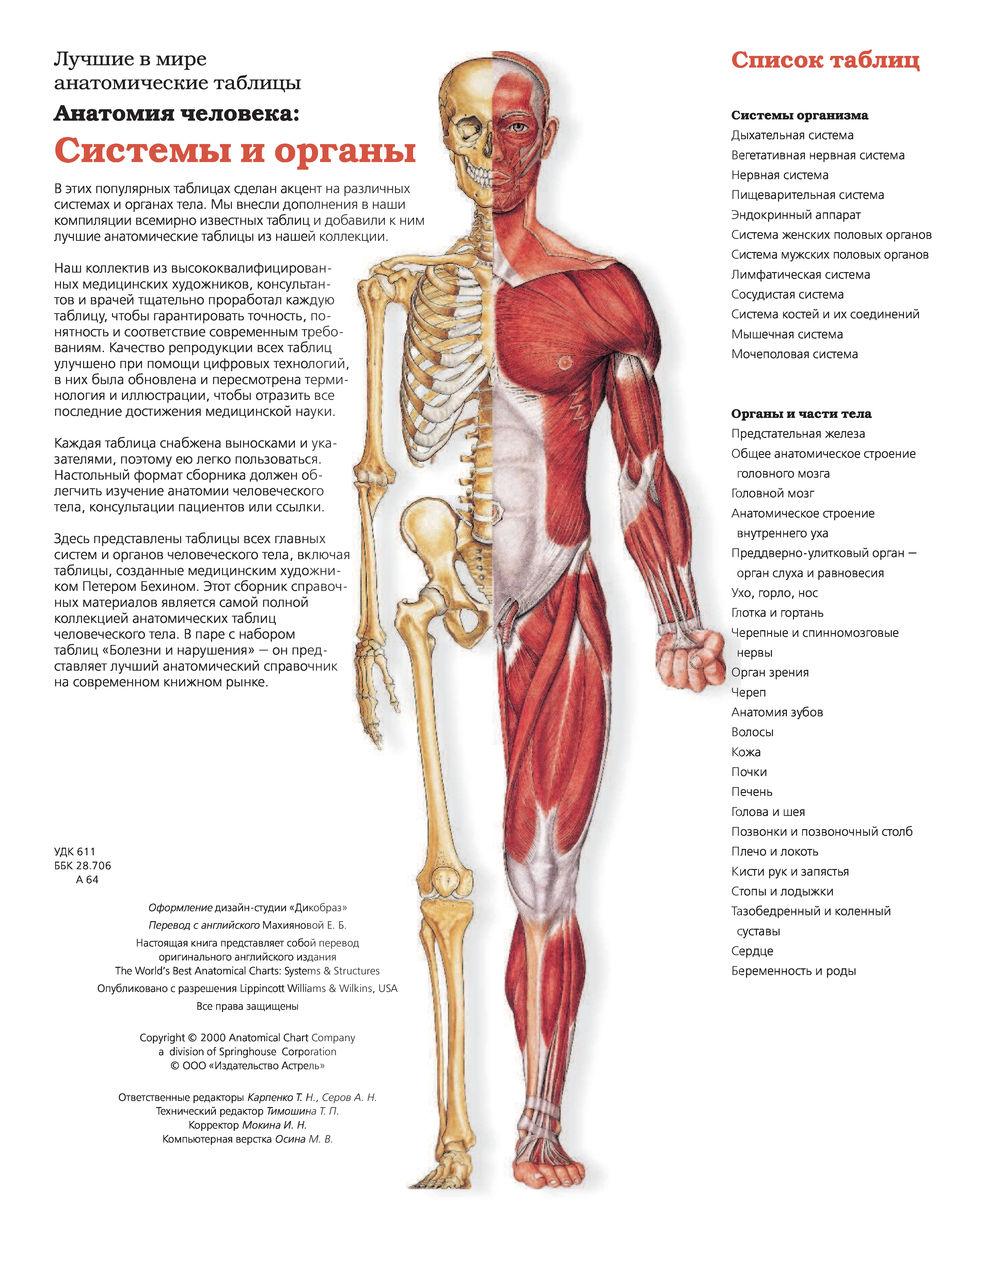 Анатомия человека в картинках суставы лечение и профилактика болезней суставов скачать бесплатно